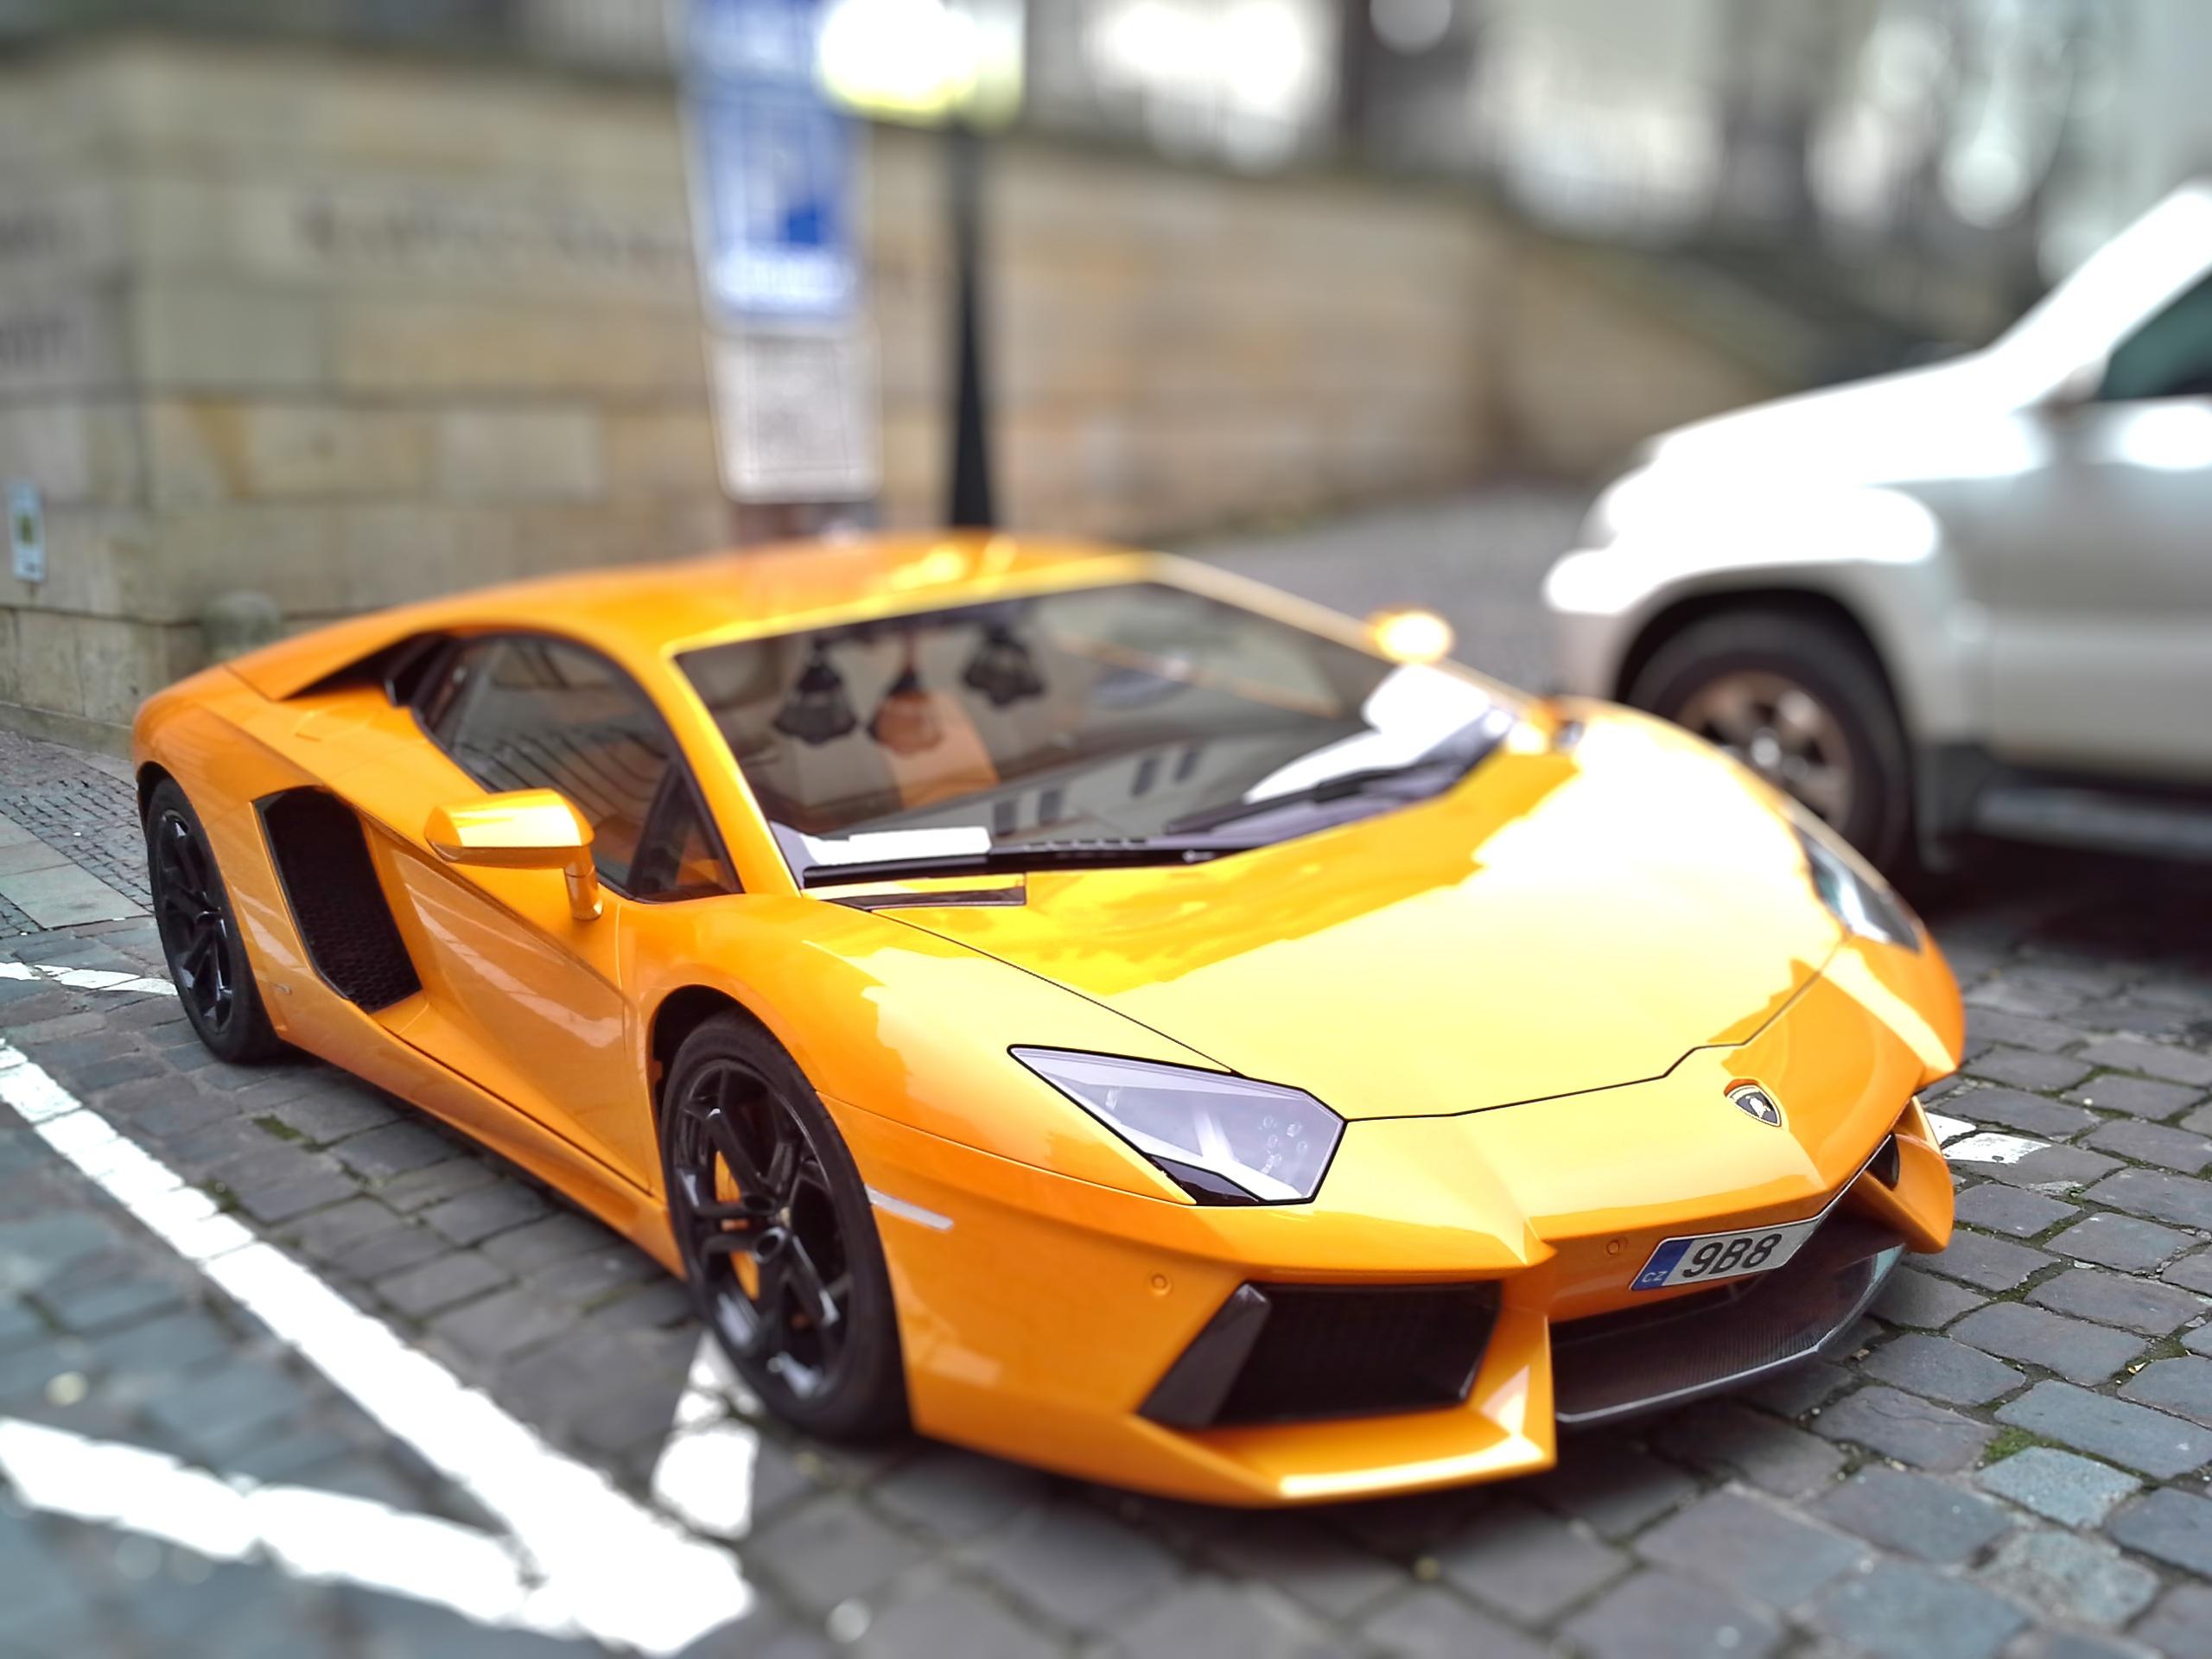 Fileyellow Lamborghini Aventador Jpg